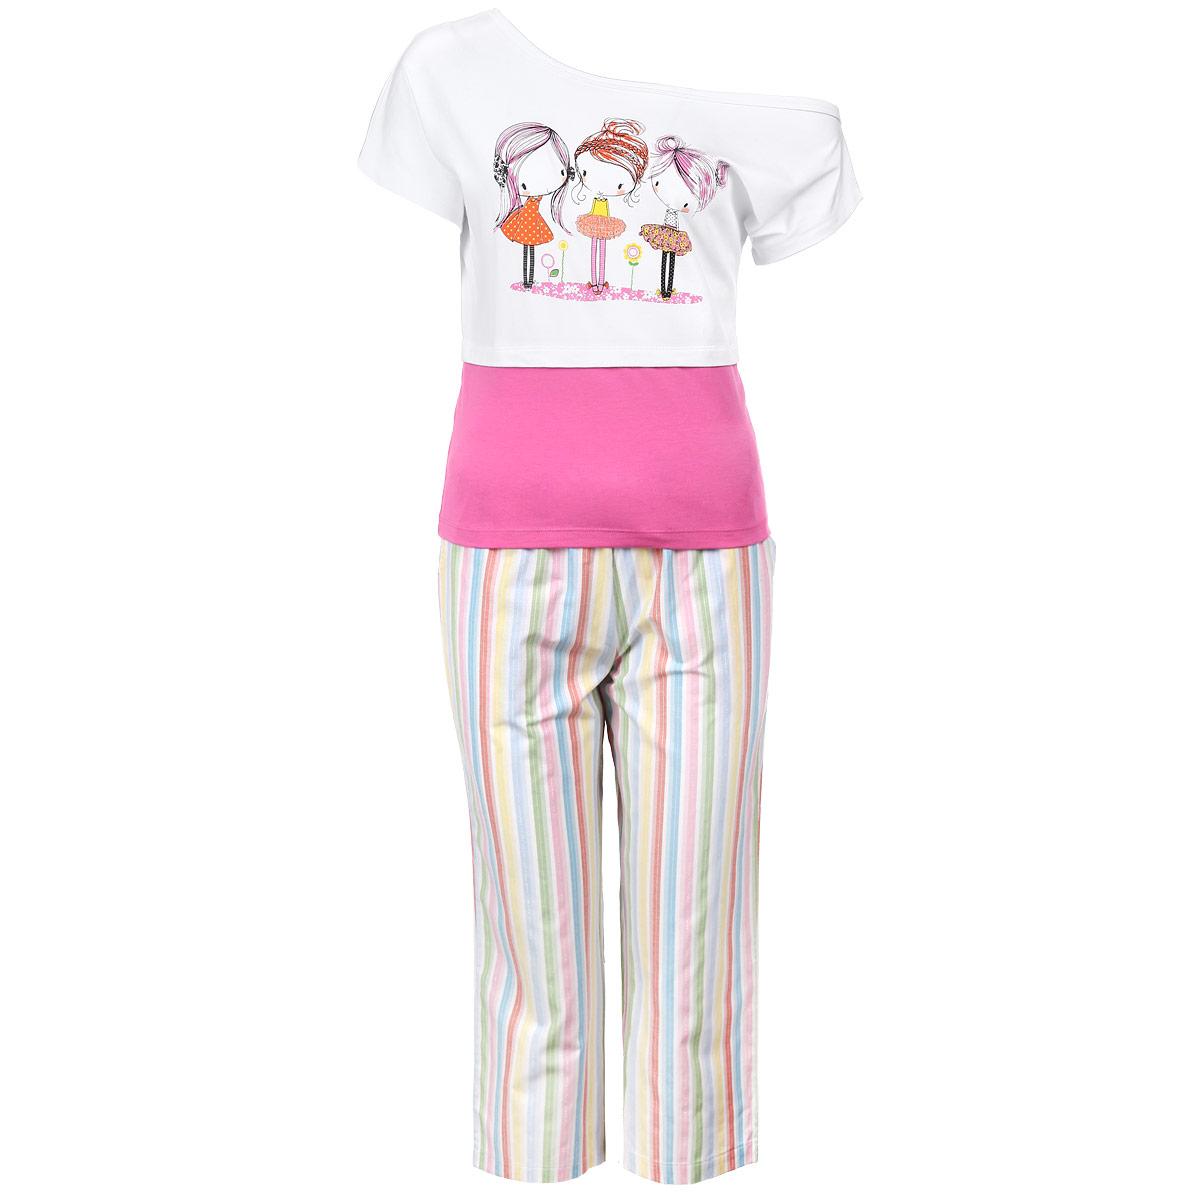 ������ �������. 6260 - Milana Style6260�������� � ������� ������� ������ Milana Style ������� �� �������� � ����. ������ ����������� �� ��������� �� ����� ���������� ���������. �������� � ����� �� ��������� �������� � ��������� ���� ������. �������� ���������� ���� � ������������� ������� ��������� � ��������� �� ���� ����� �������, �� ����� ��������� ������� � ������������ ���� �������������� �������. ����������� ��������� ����� ������� ���� �� ������� ���������� ������� ��������� ��������� �������. �� ����� ������������ �������������� ������. ������ ����� ����� ������� ������� � ������ �������. ��������� ����������� � �������� �������� ������� - �������� ����� �� ������ ����. � ����� ������ ��� ����� ����������� ��������� � �����.